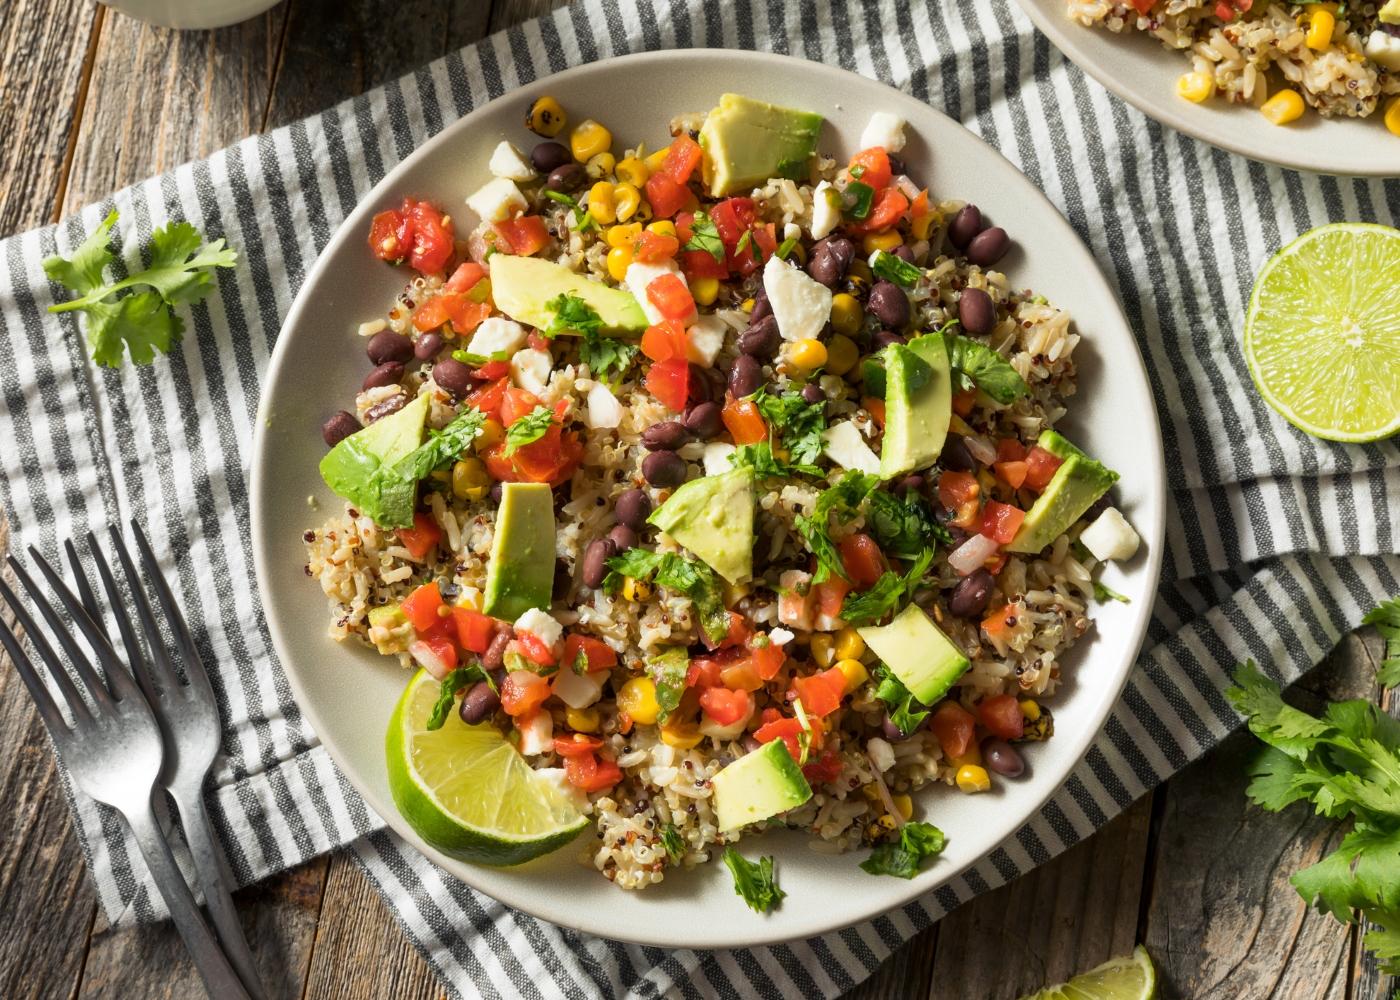 receita de one pot de arroz, feijão e legumes